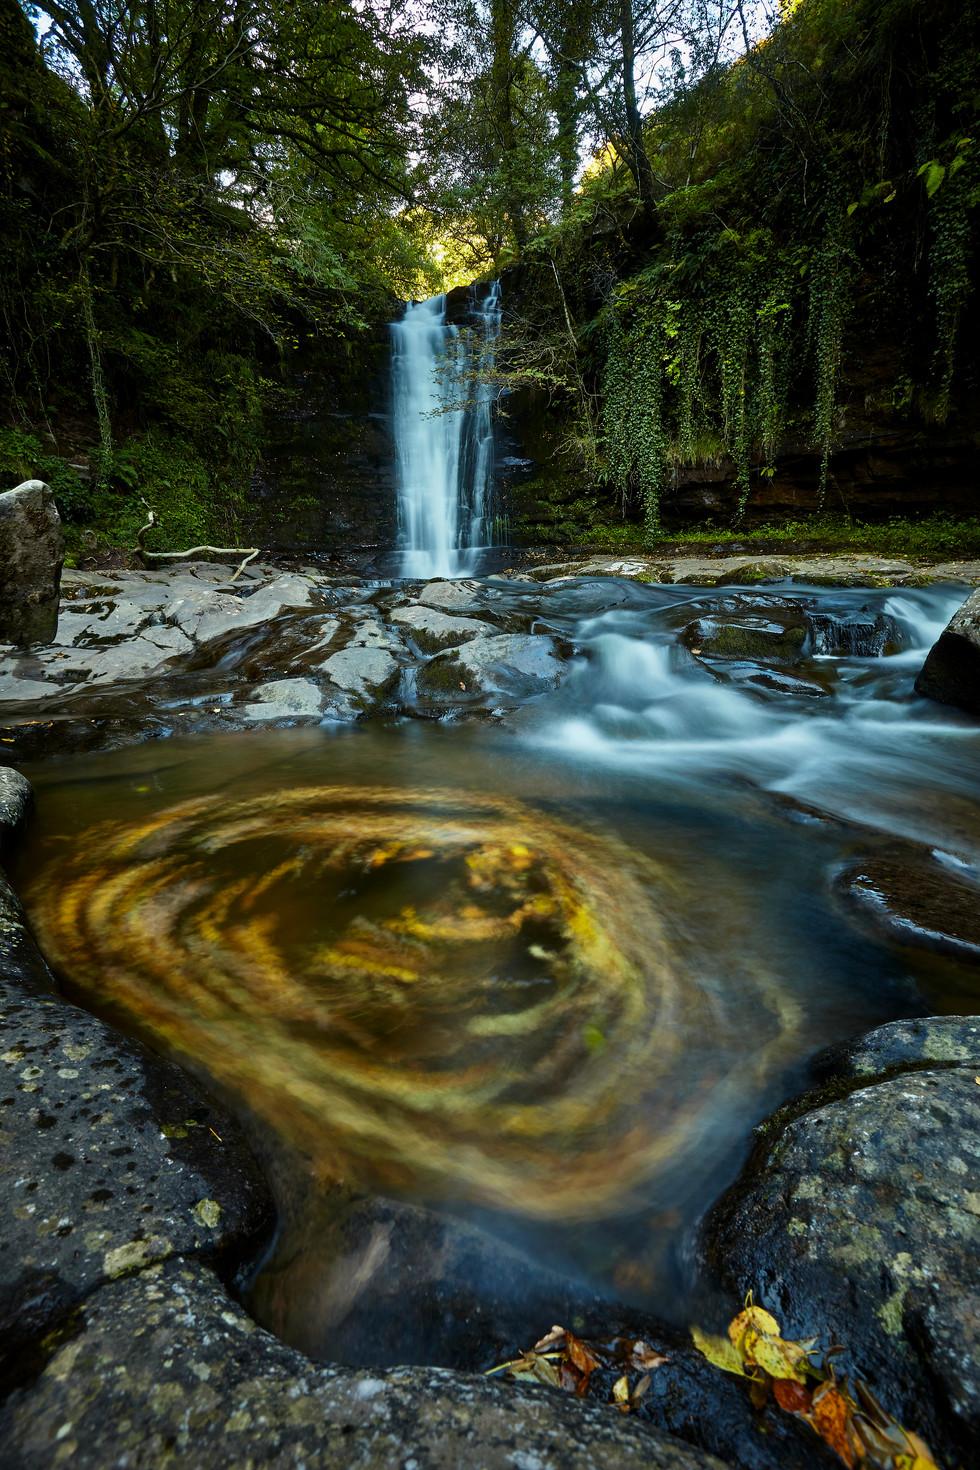 waterfall & leaves.jpg